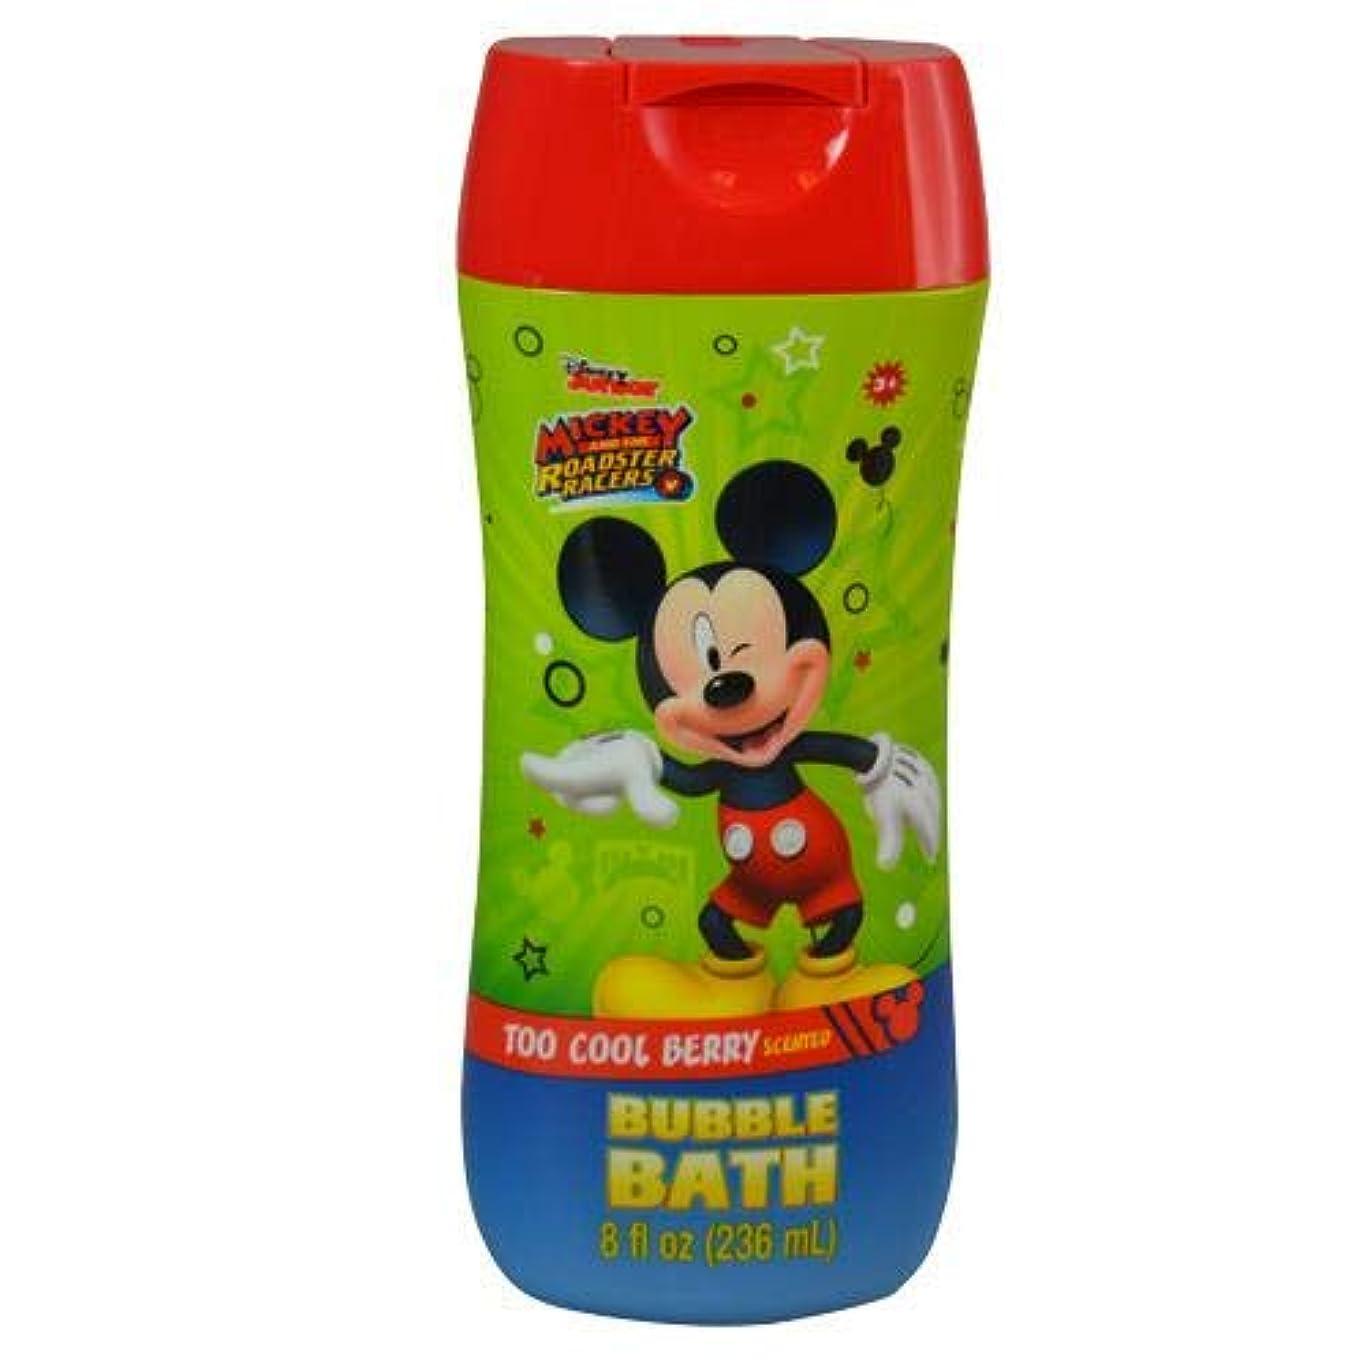 パイロット放つとにかくミッキー バブルバス 13398 子供 子供用 ディズニー Disney キャラクター グッズ【即日?翌日発送】